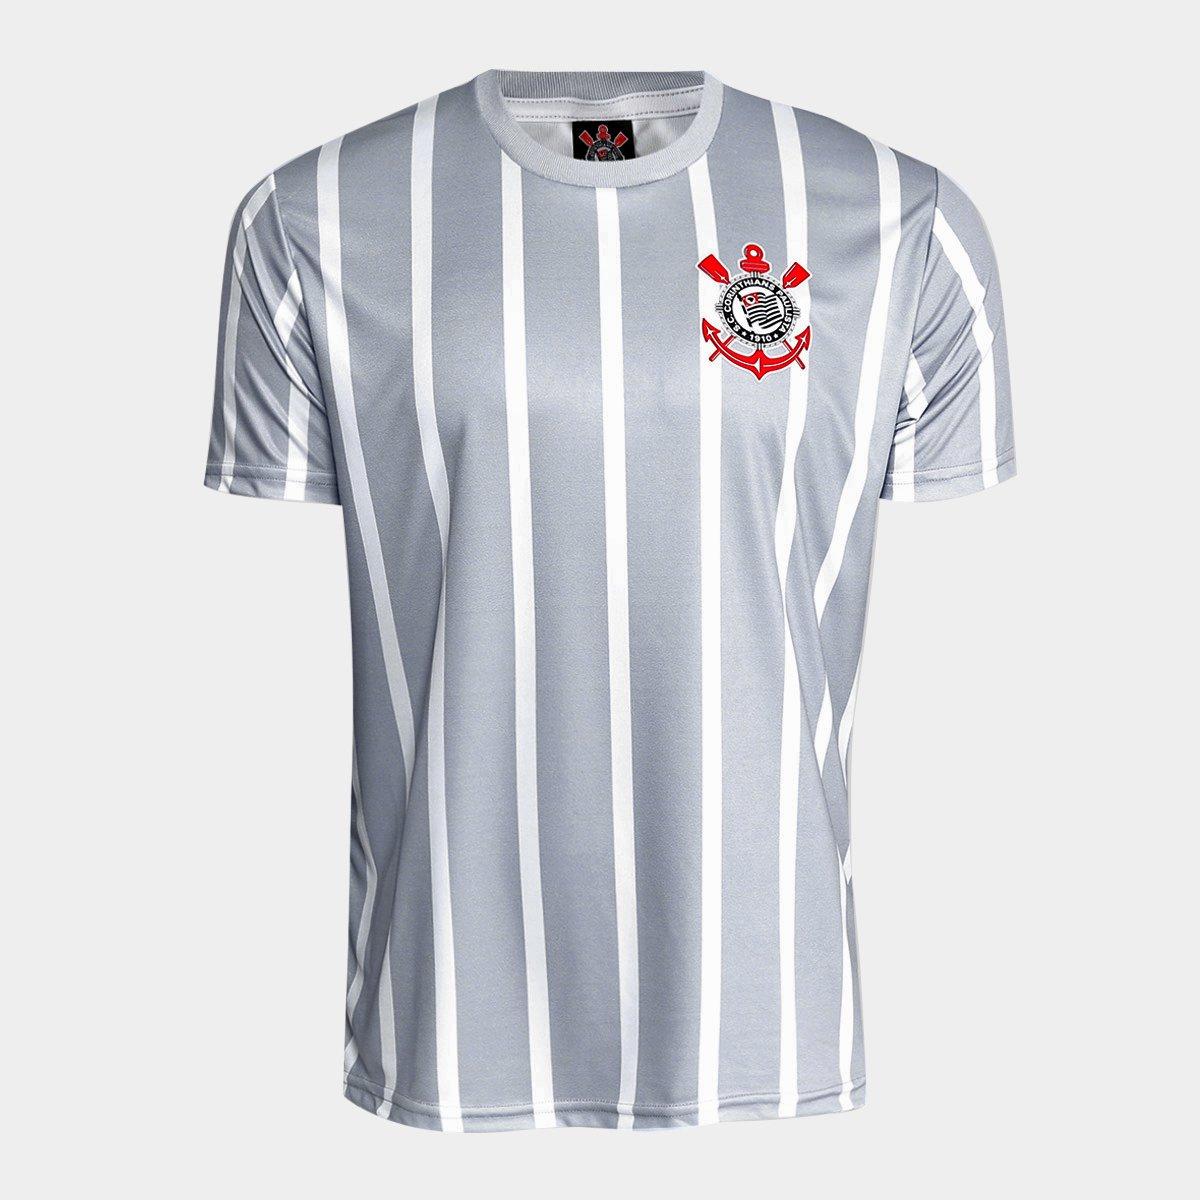 Camisa Corinthians 2002 n° 7 Masculina - Branco e Cinza - Compre Agora  93e3687805d